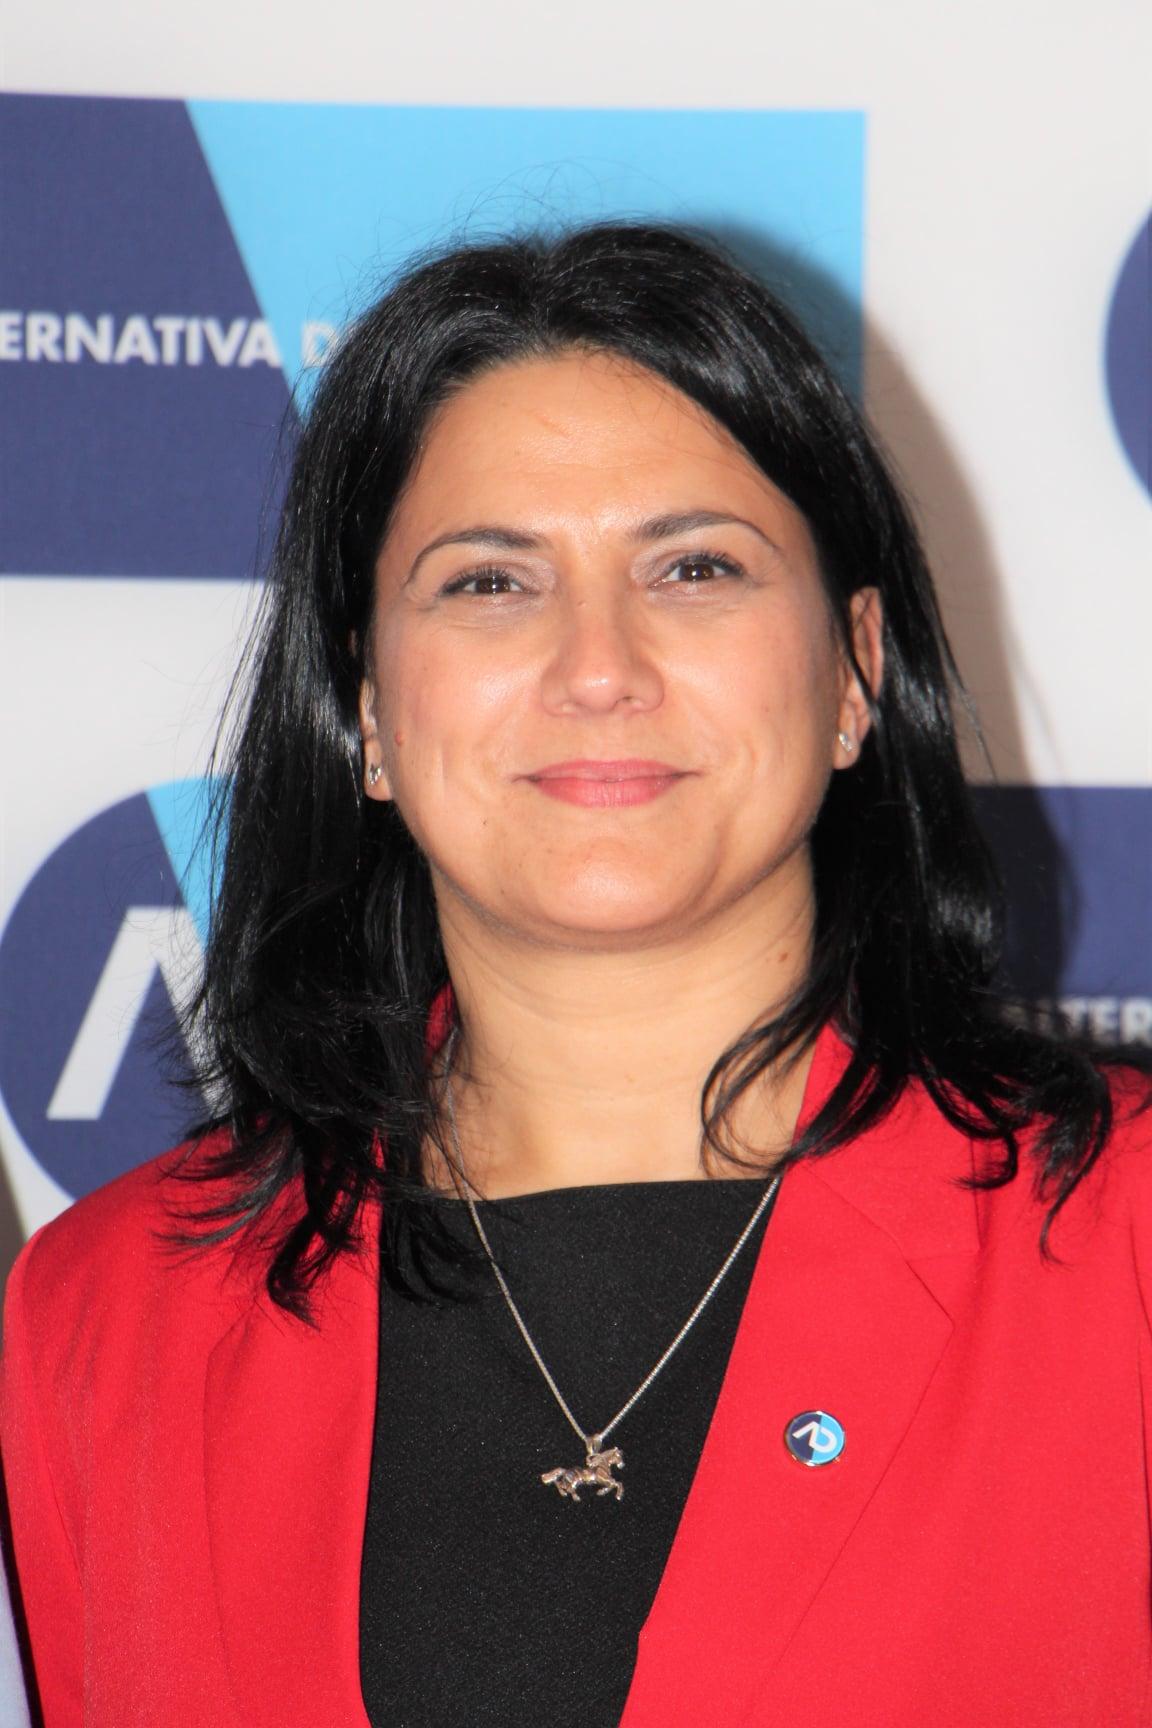 Adela Mîrza și-a anunțat candidatura la Primăria Cluj-Napoca